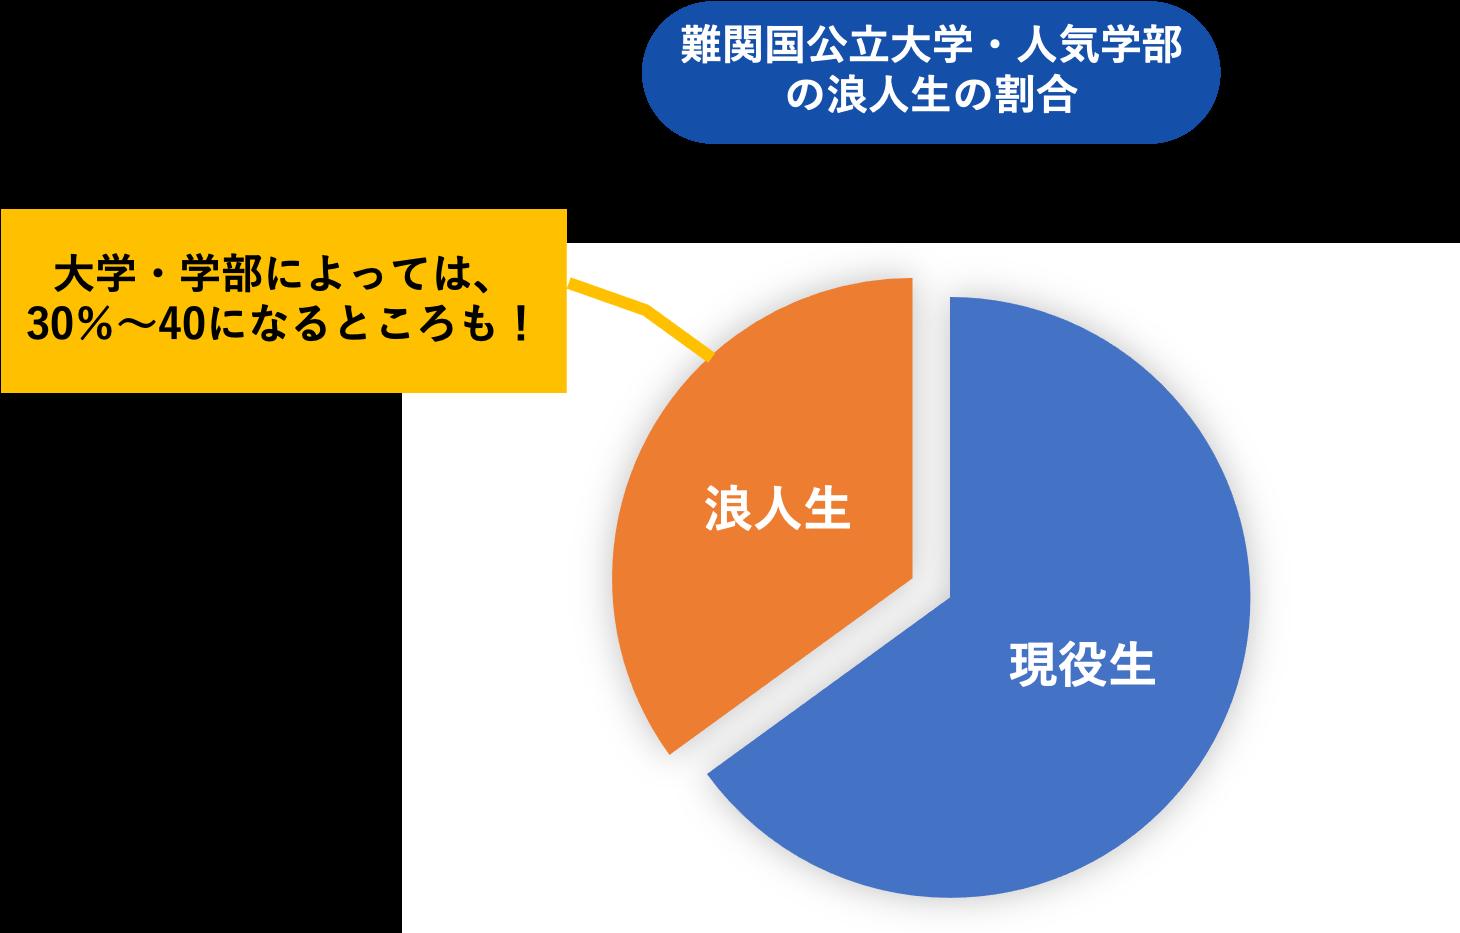 難関国公立大学・人気学部の浪人生の割合